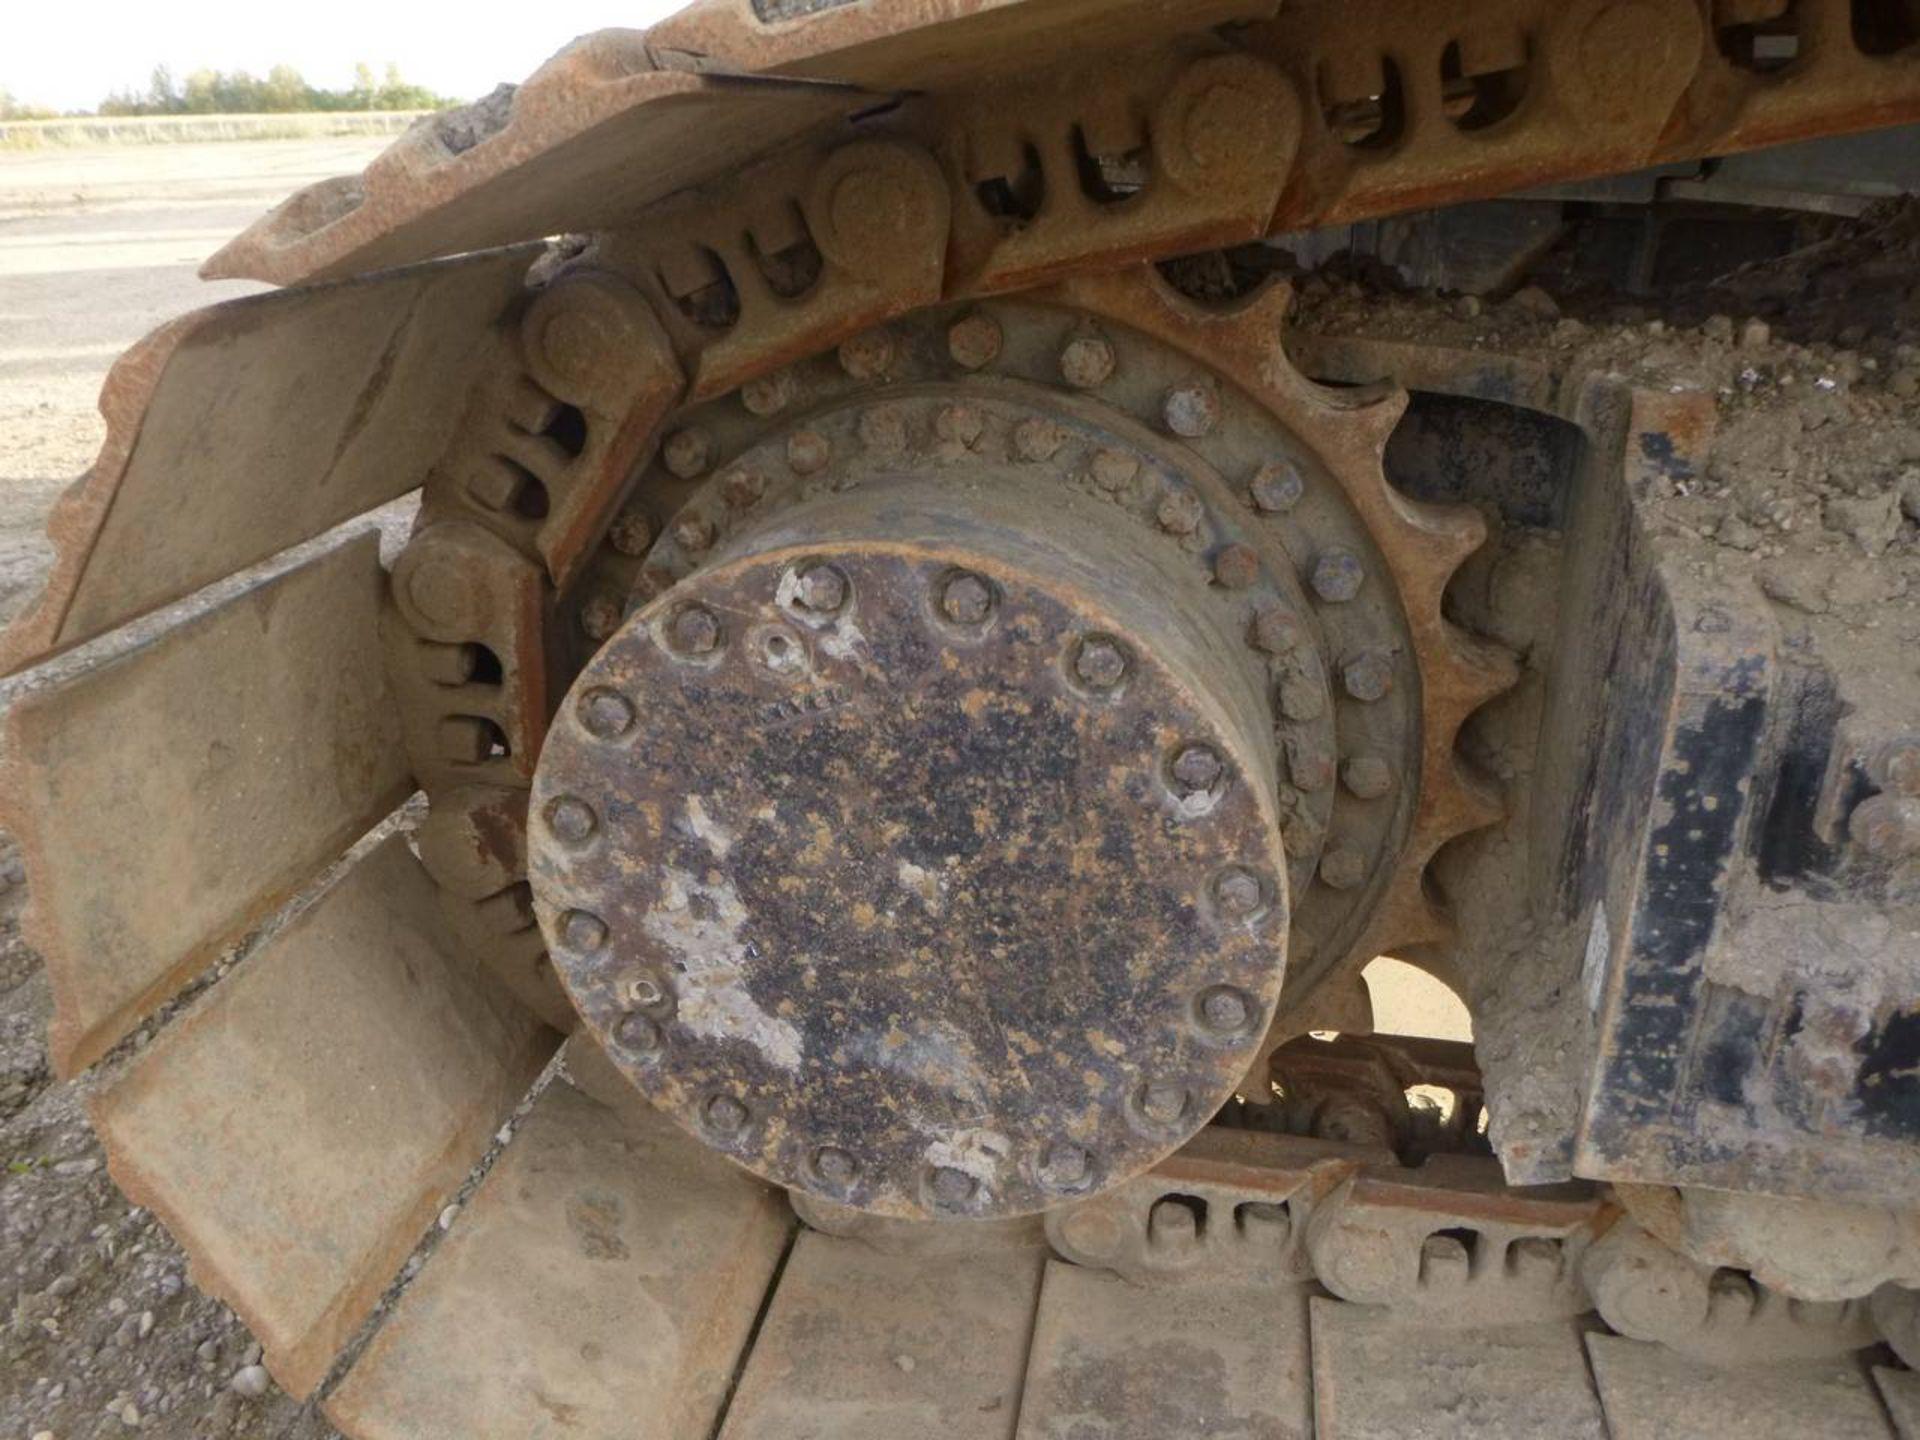 2014 John Deere 470G LC Excavator - Image 4 of 12